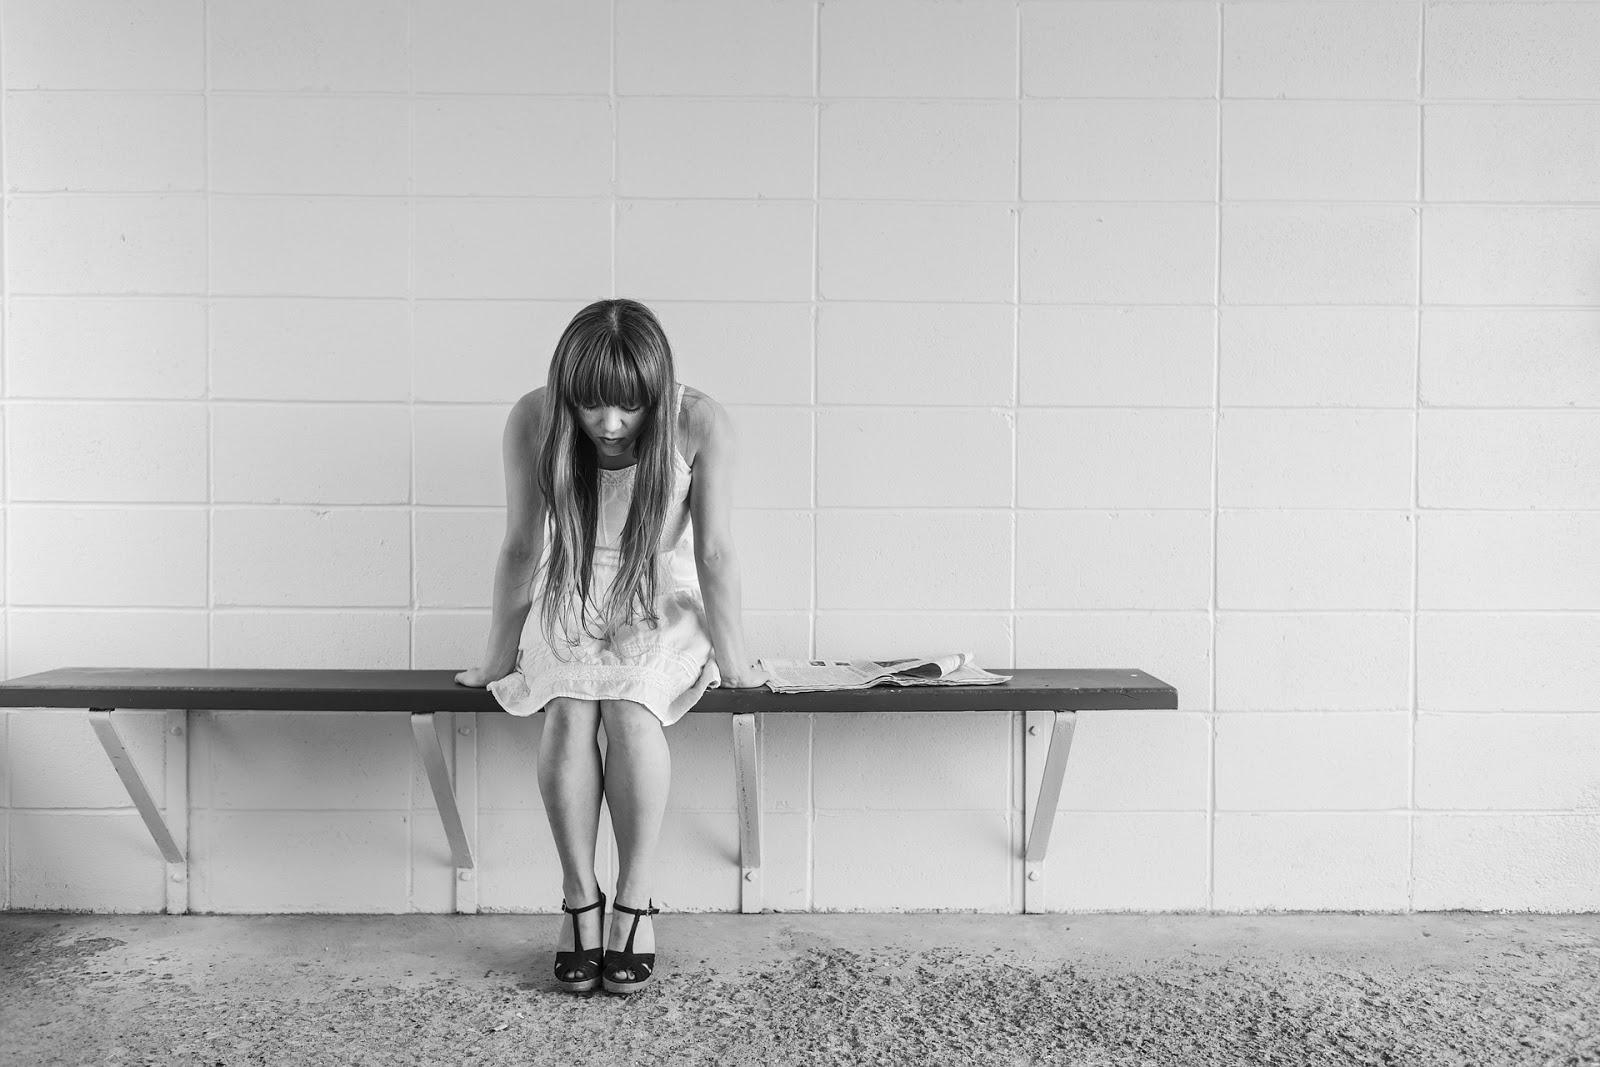 smutek, dziecko, samotność, strata, śmierć, żałoba,